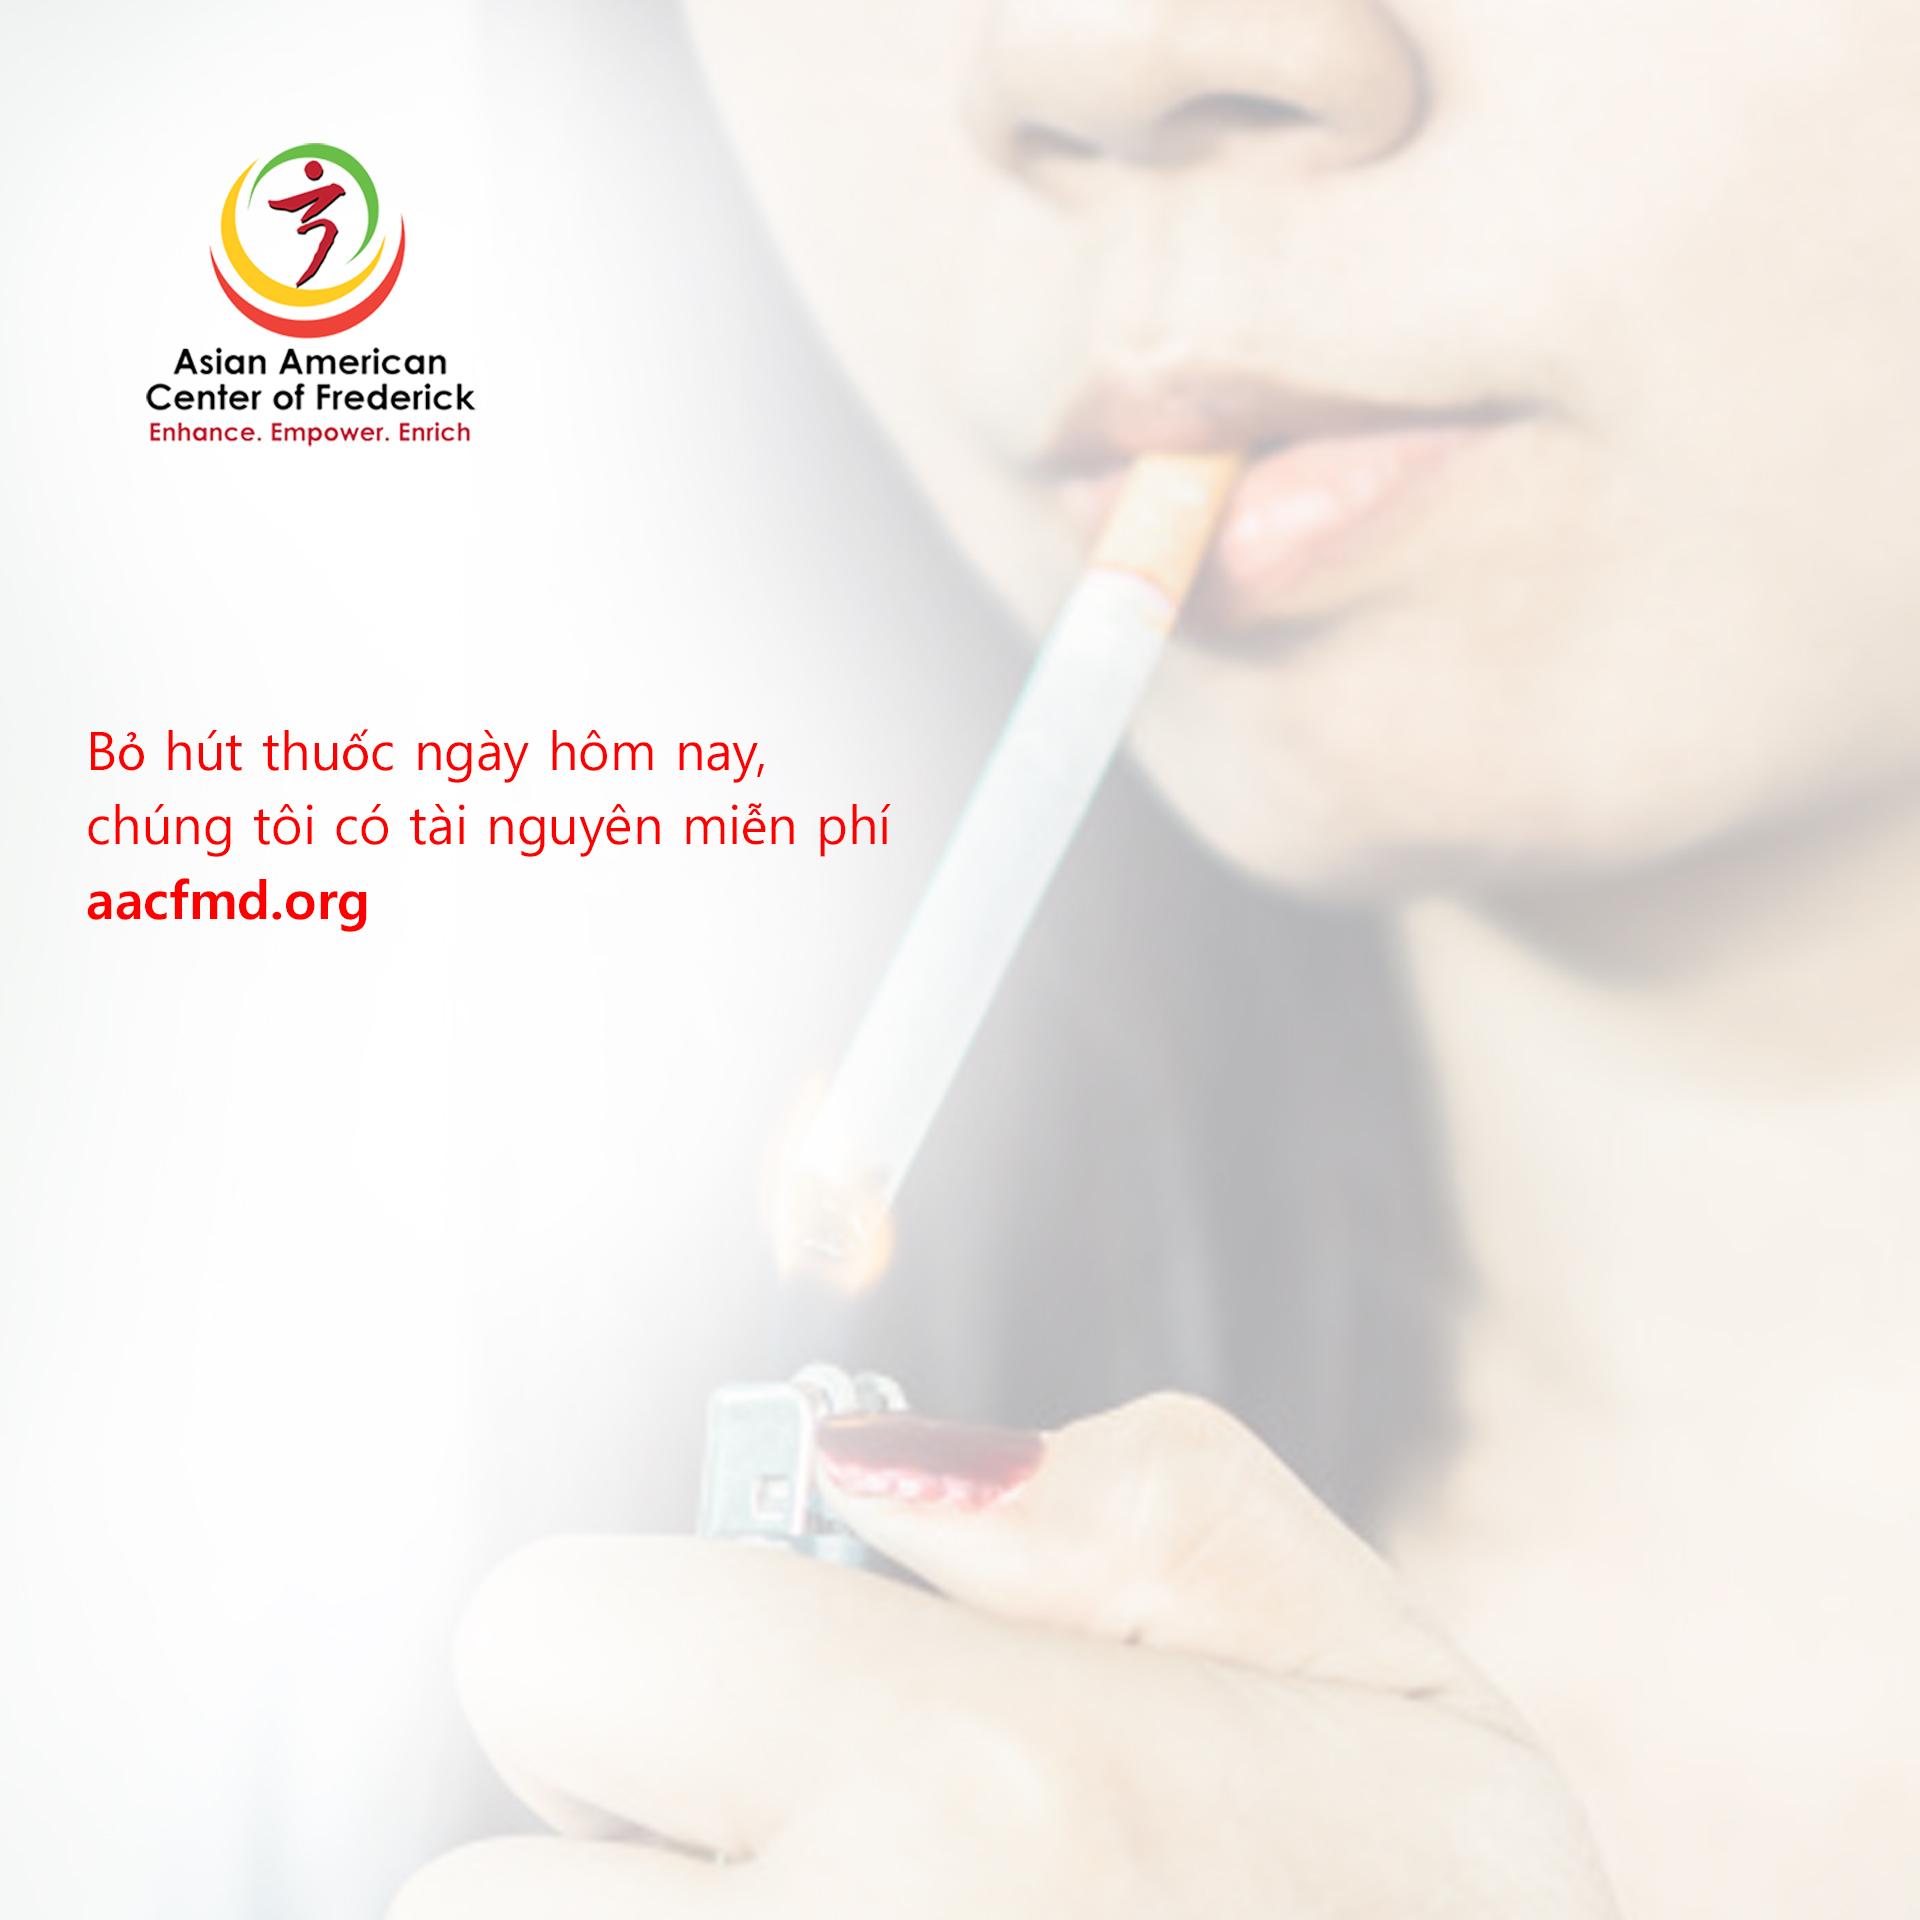 AACF - viet ASIAN SMOKING